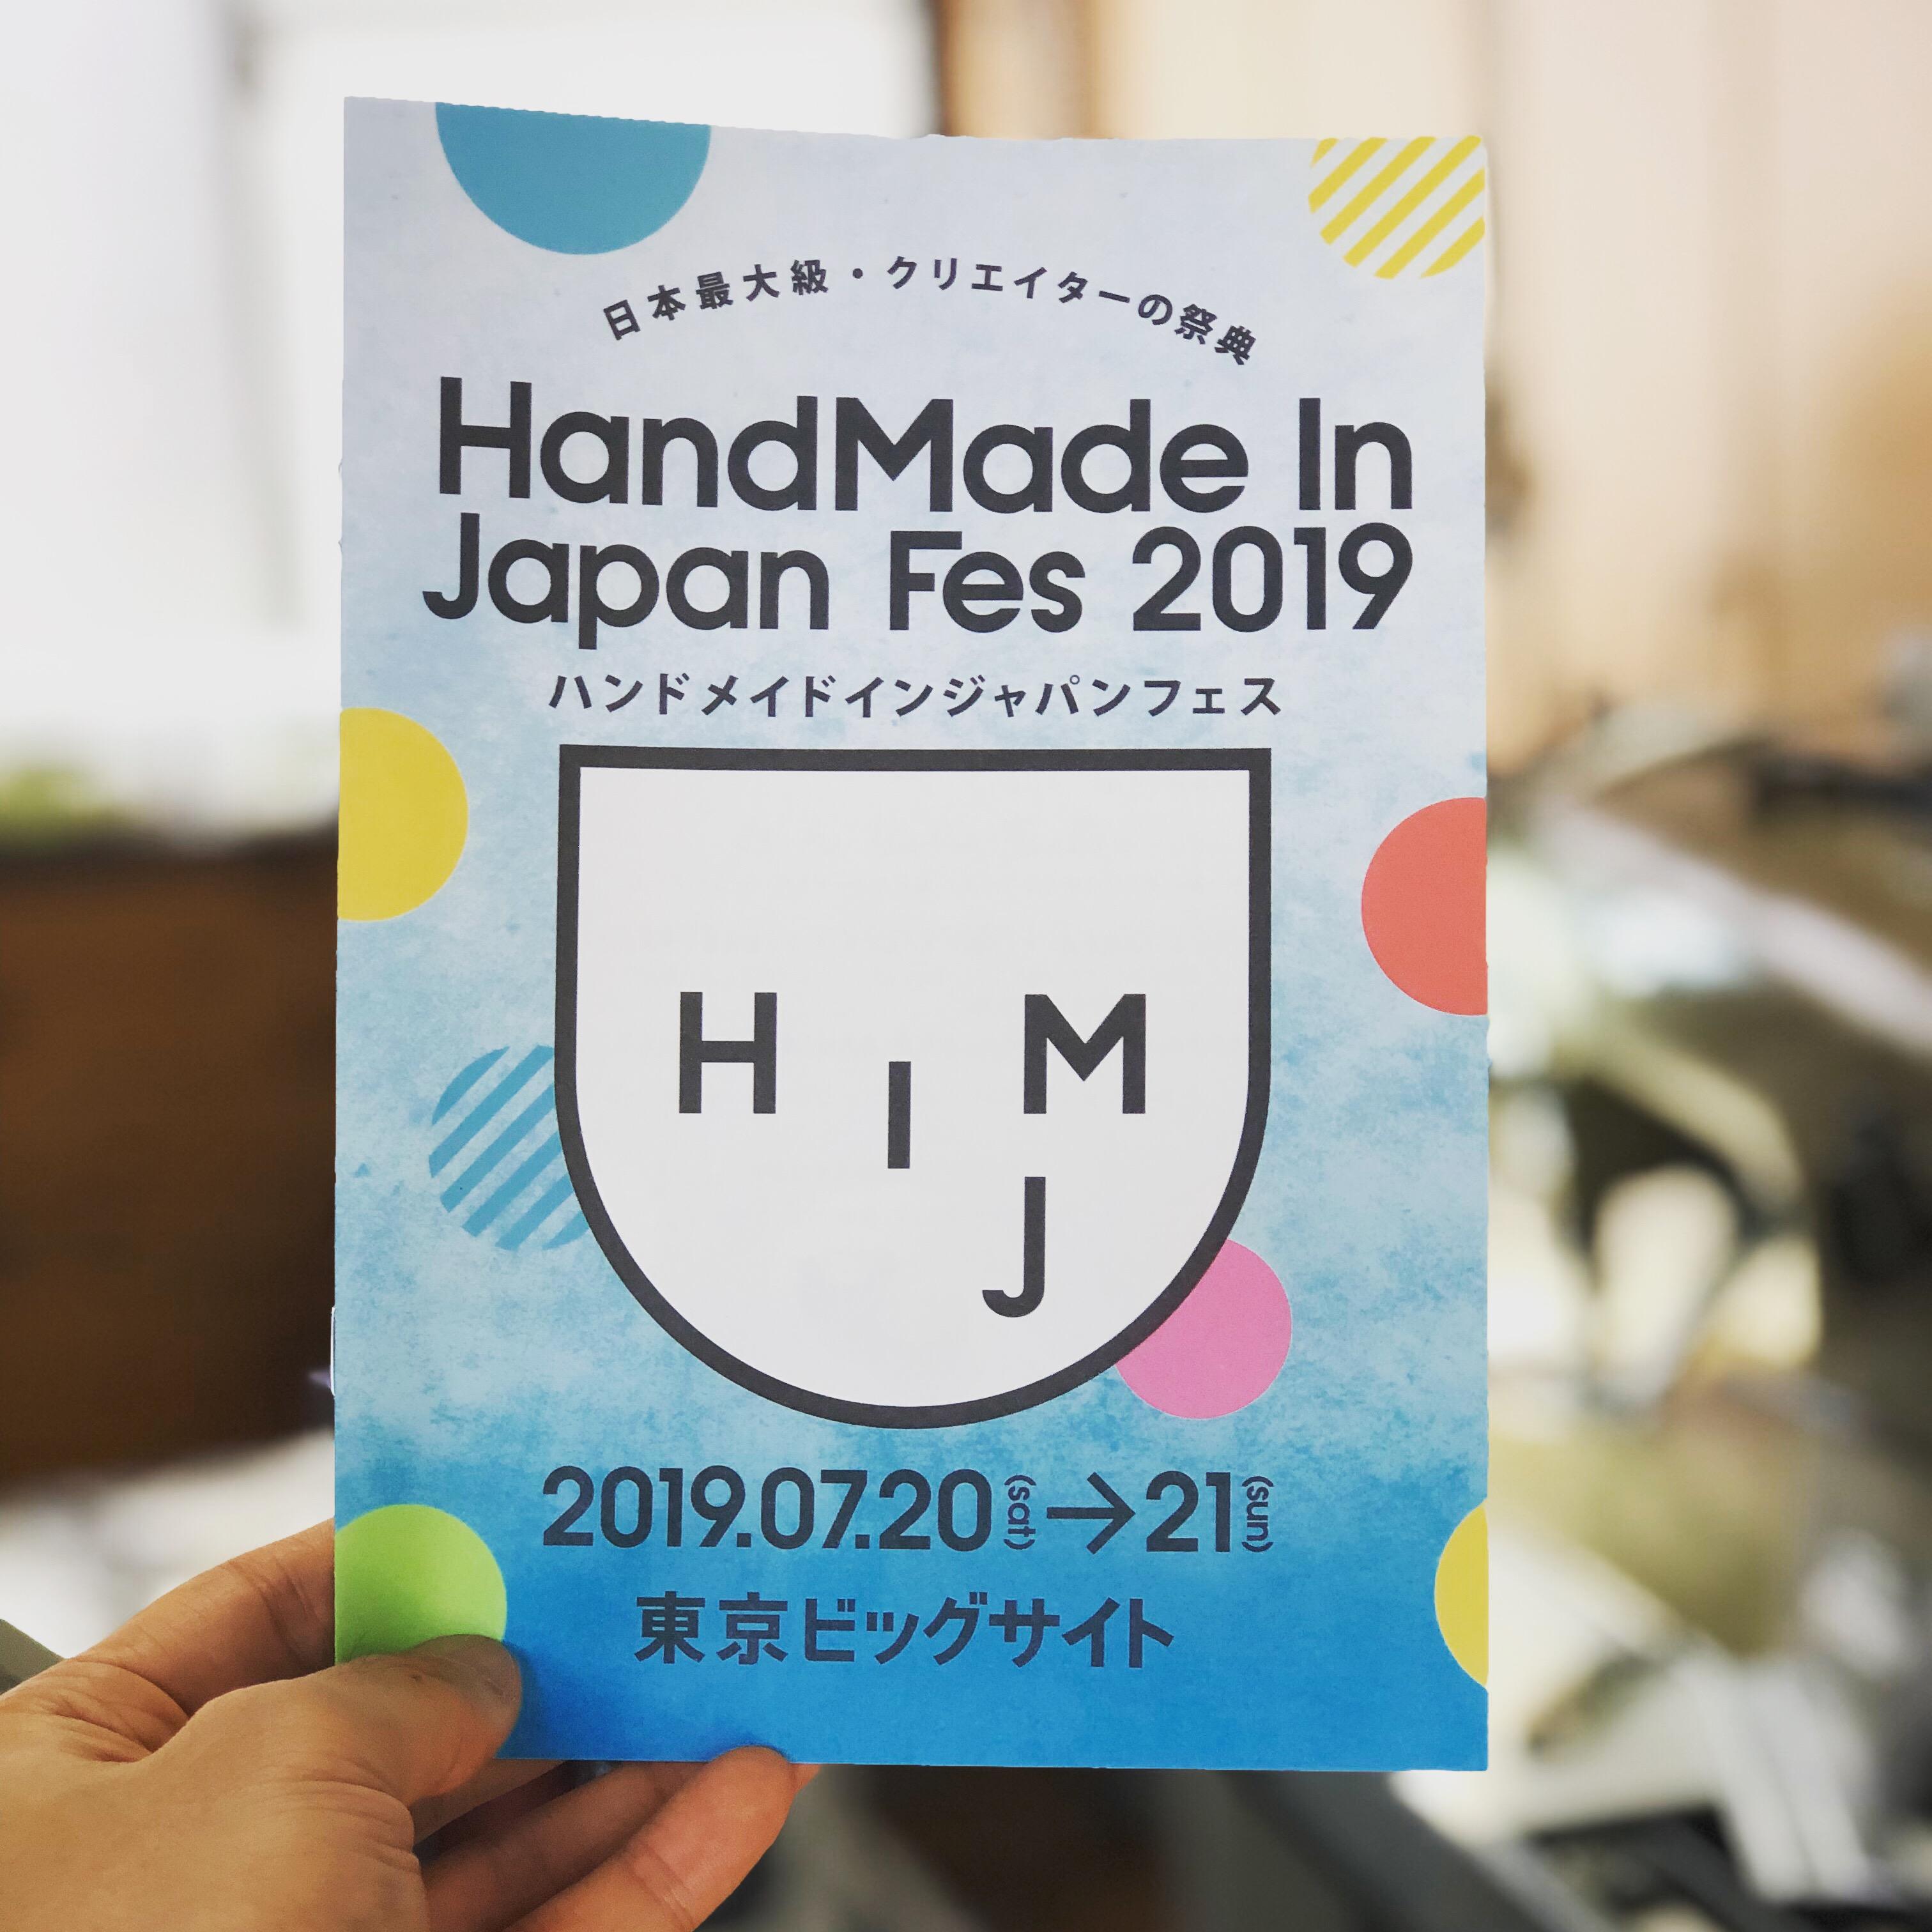 「HandMade In Japan Fes 2019」7月20日(土)・21日(日) 出店決定!!